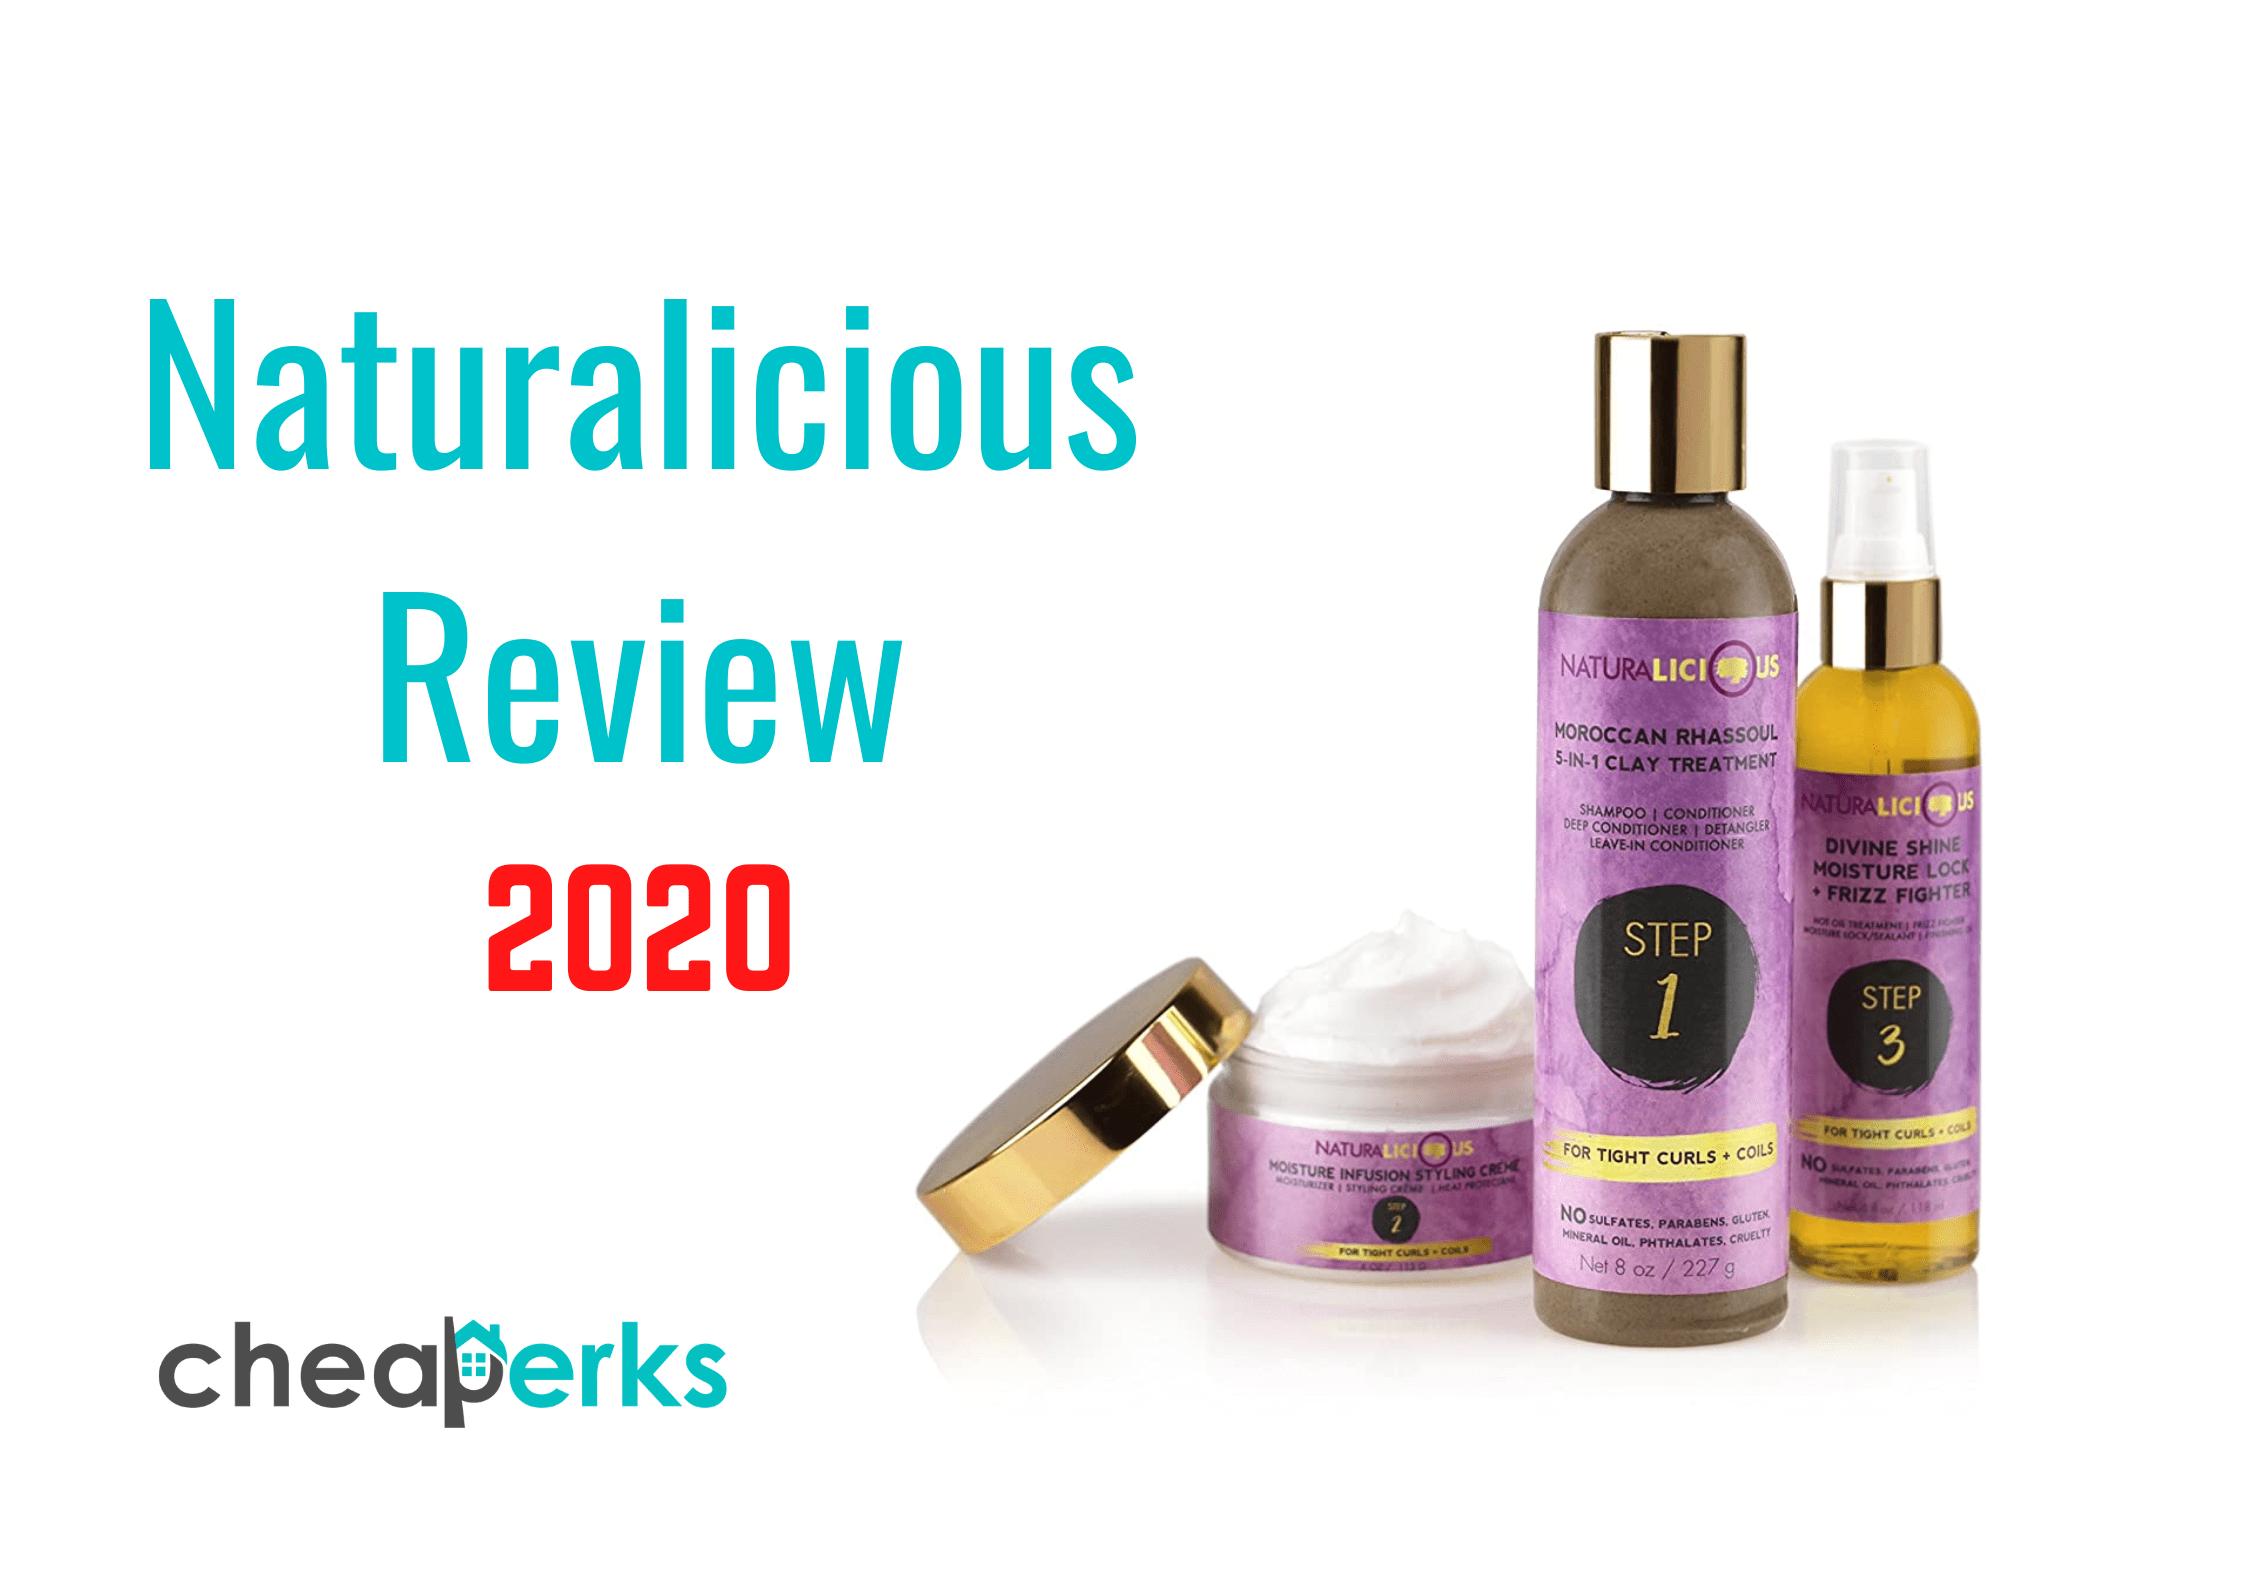 Naturalicious Reviews